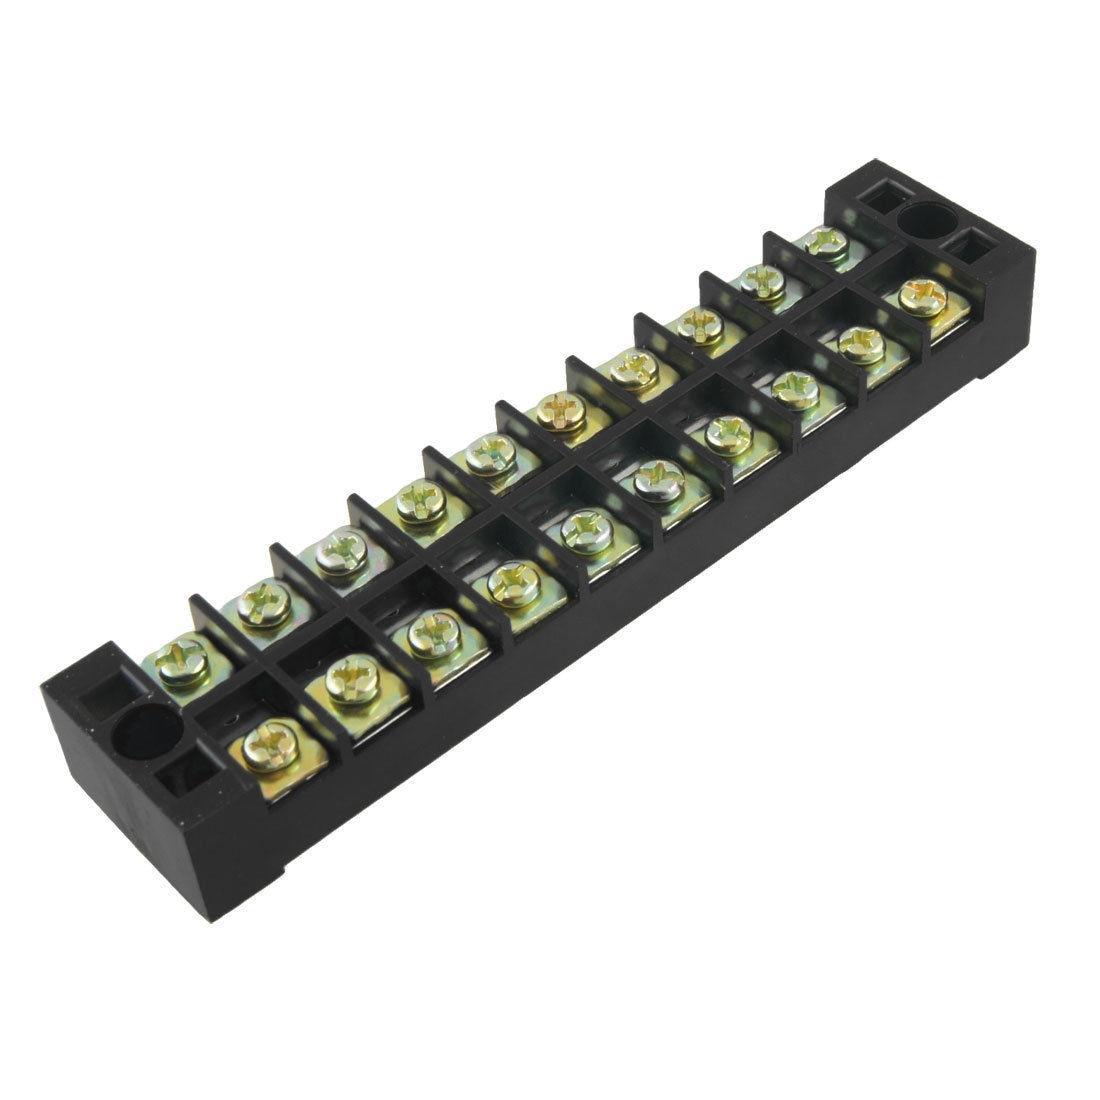 2 Pcs Ganda Row 10 Posisi Screw Terminal Blok Barrier 600 V 15a Tb Karet Kotak 2x2 Meja Kursi Interior Teknik Ranjang Tempat Tidur 1510